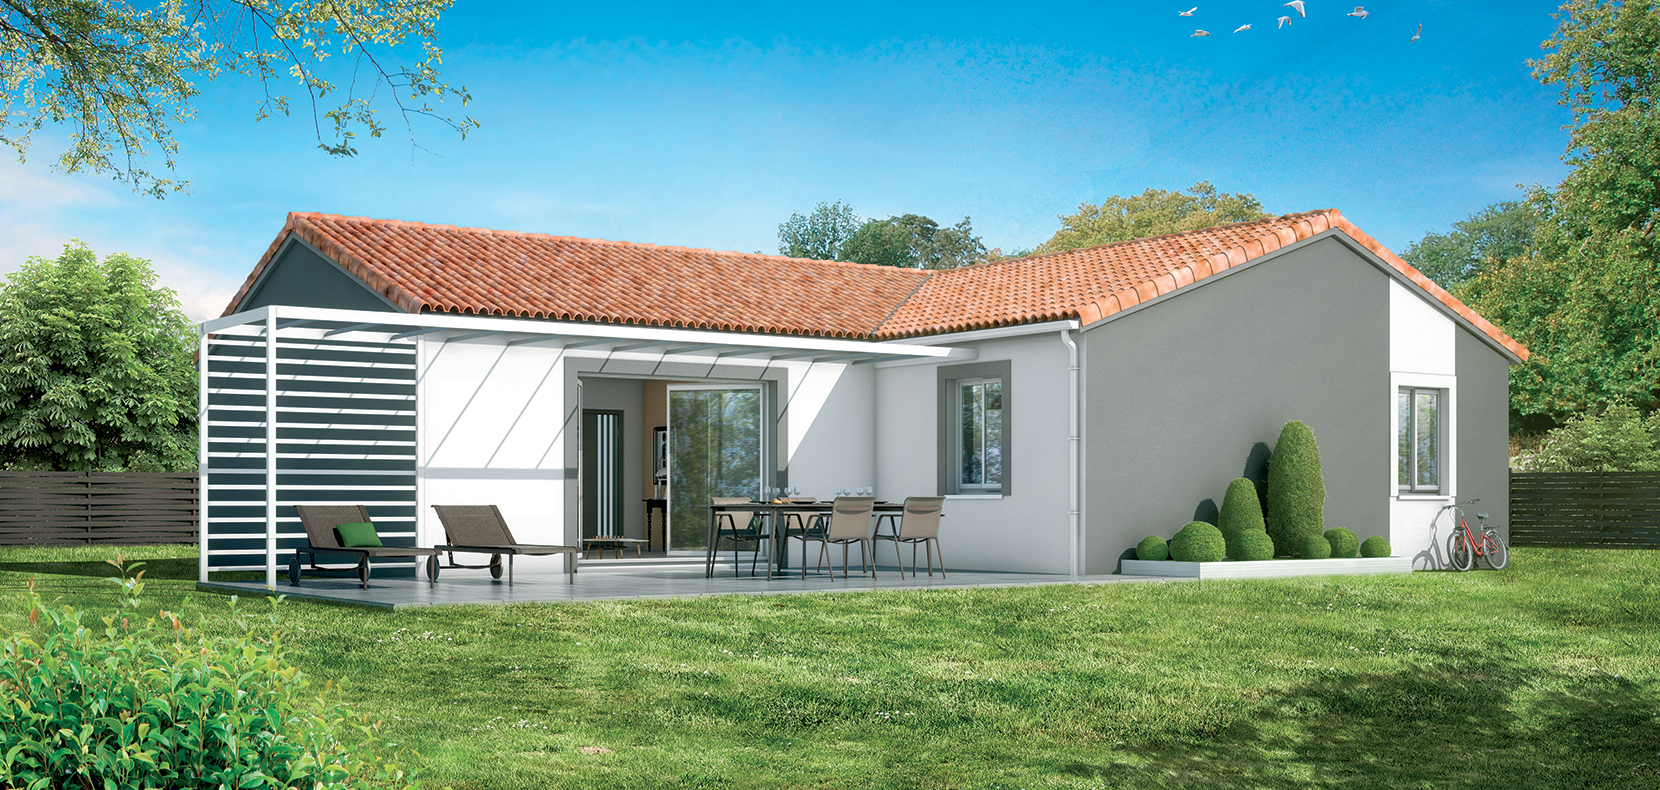 Mod le maison 2020 maisons sanem constructeur de for Constructeur de maison 54